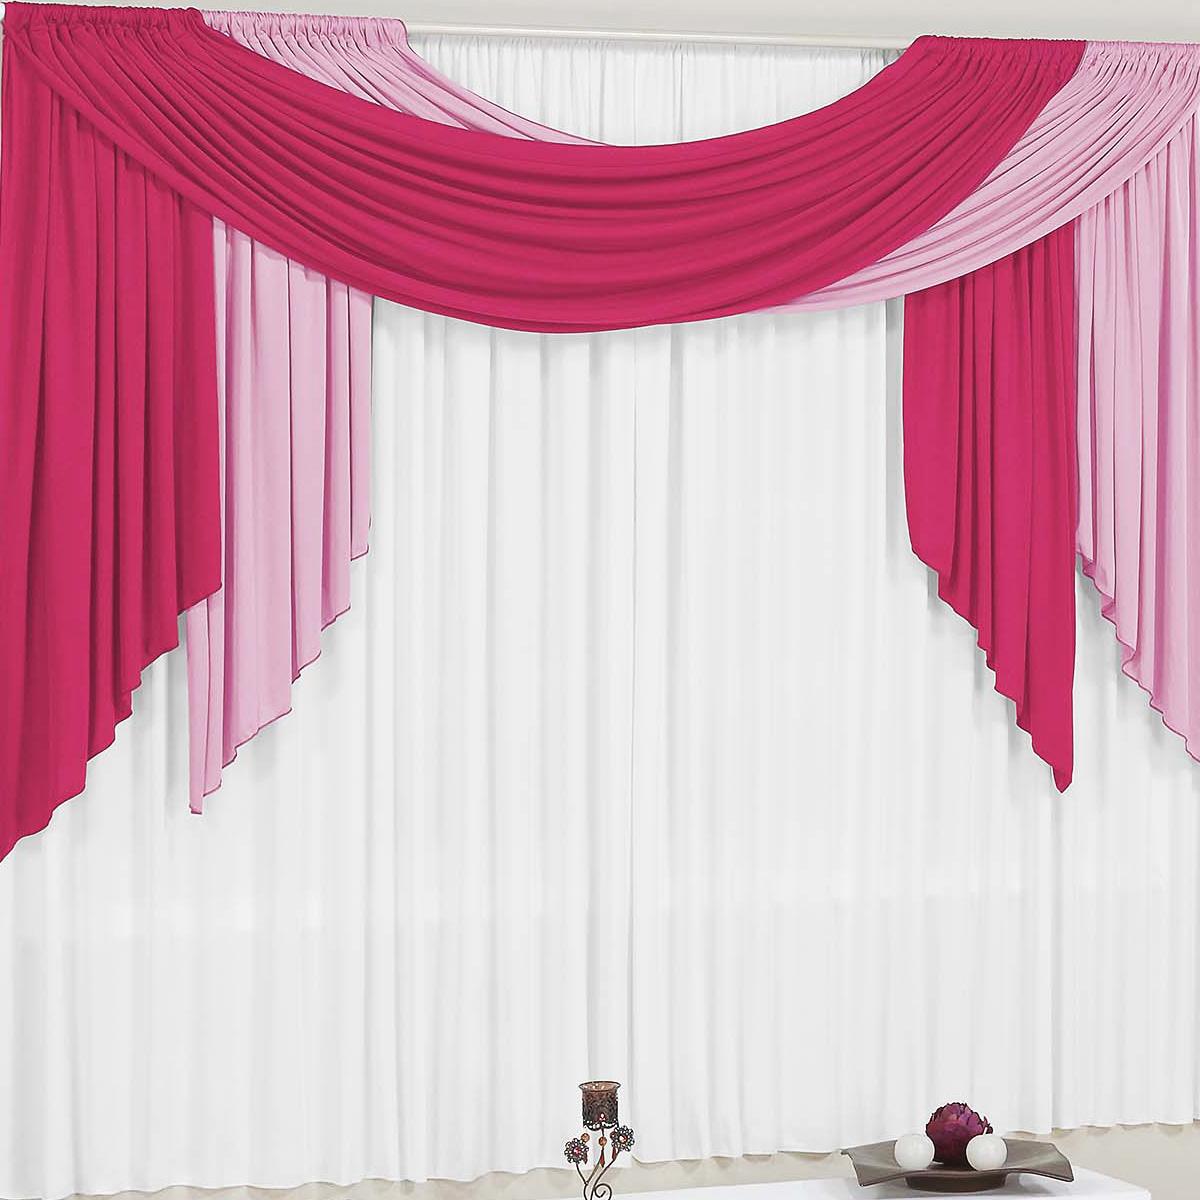 Cortina para Sala e Quarto Pink e Rosa e Branco 4 metros em Malha varão Duplo - Cortina Isabella